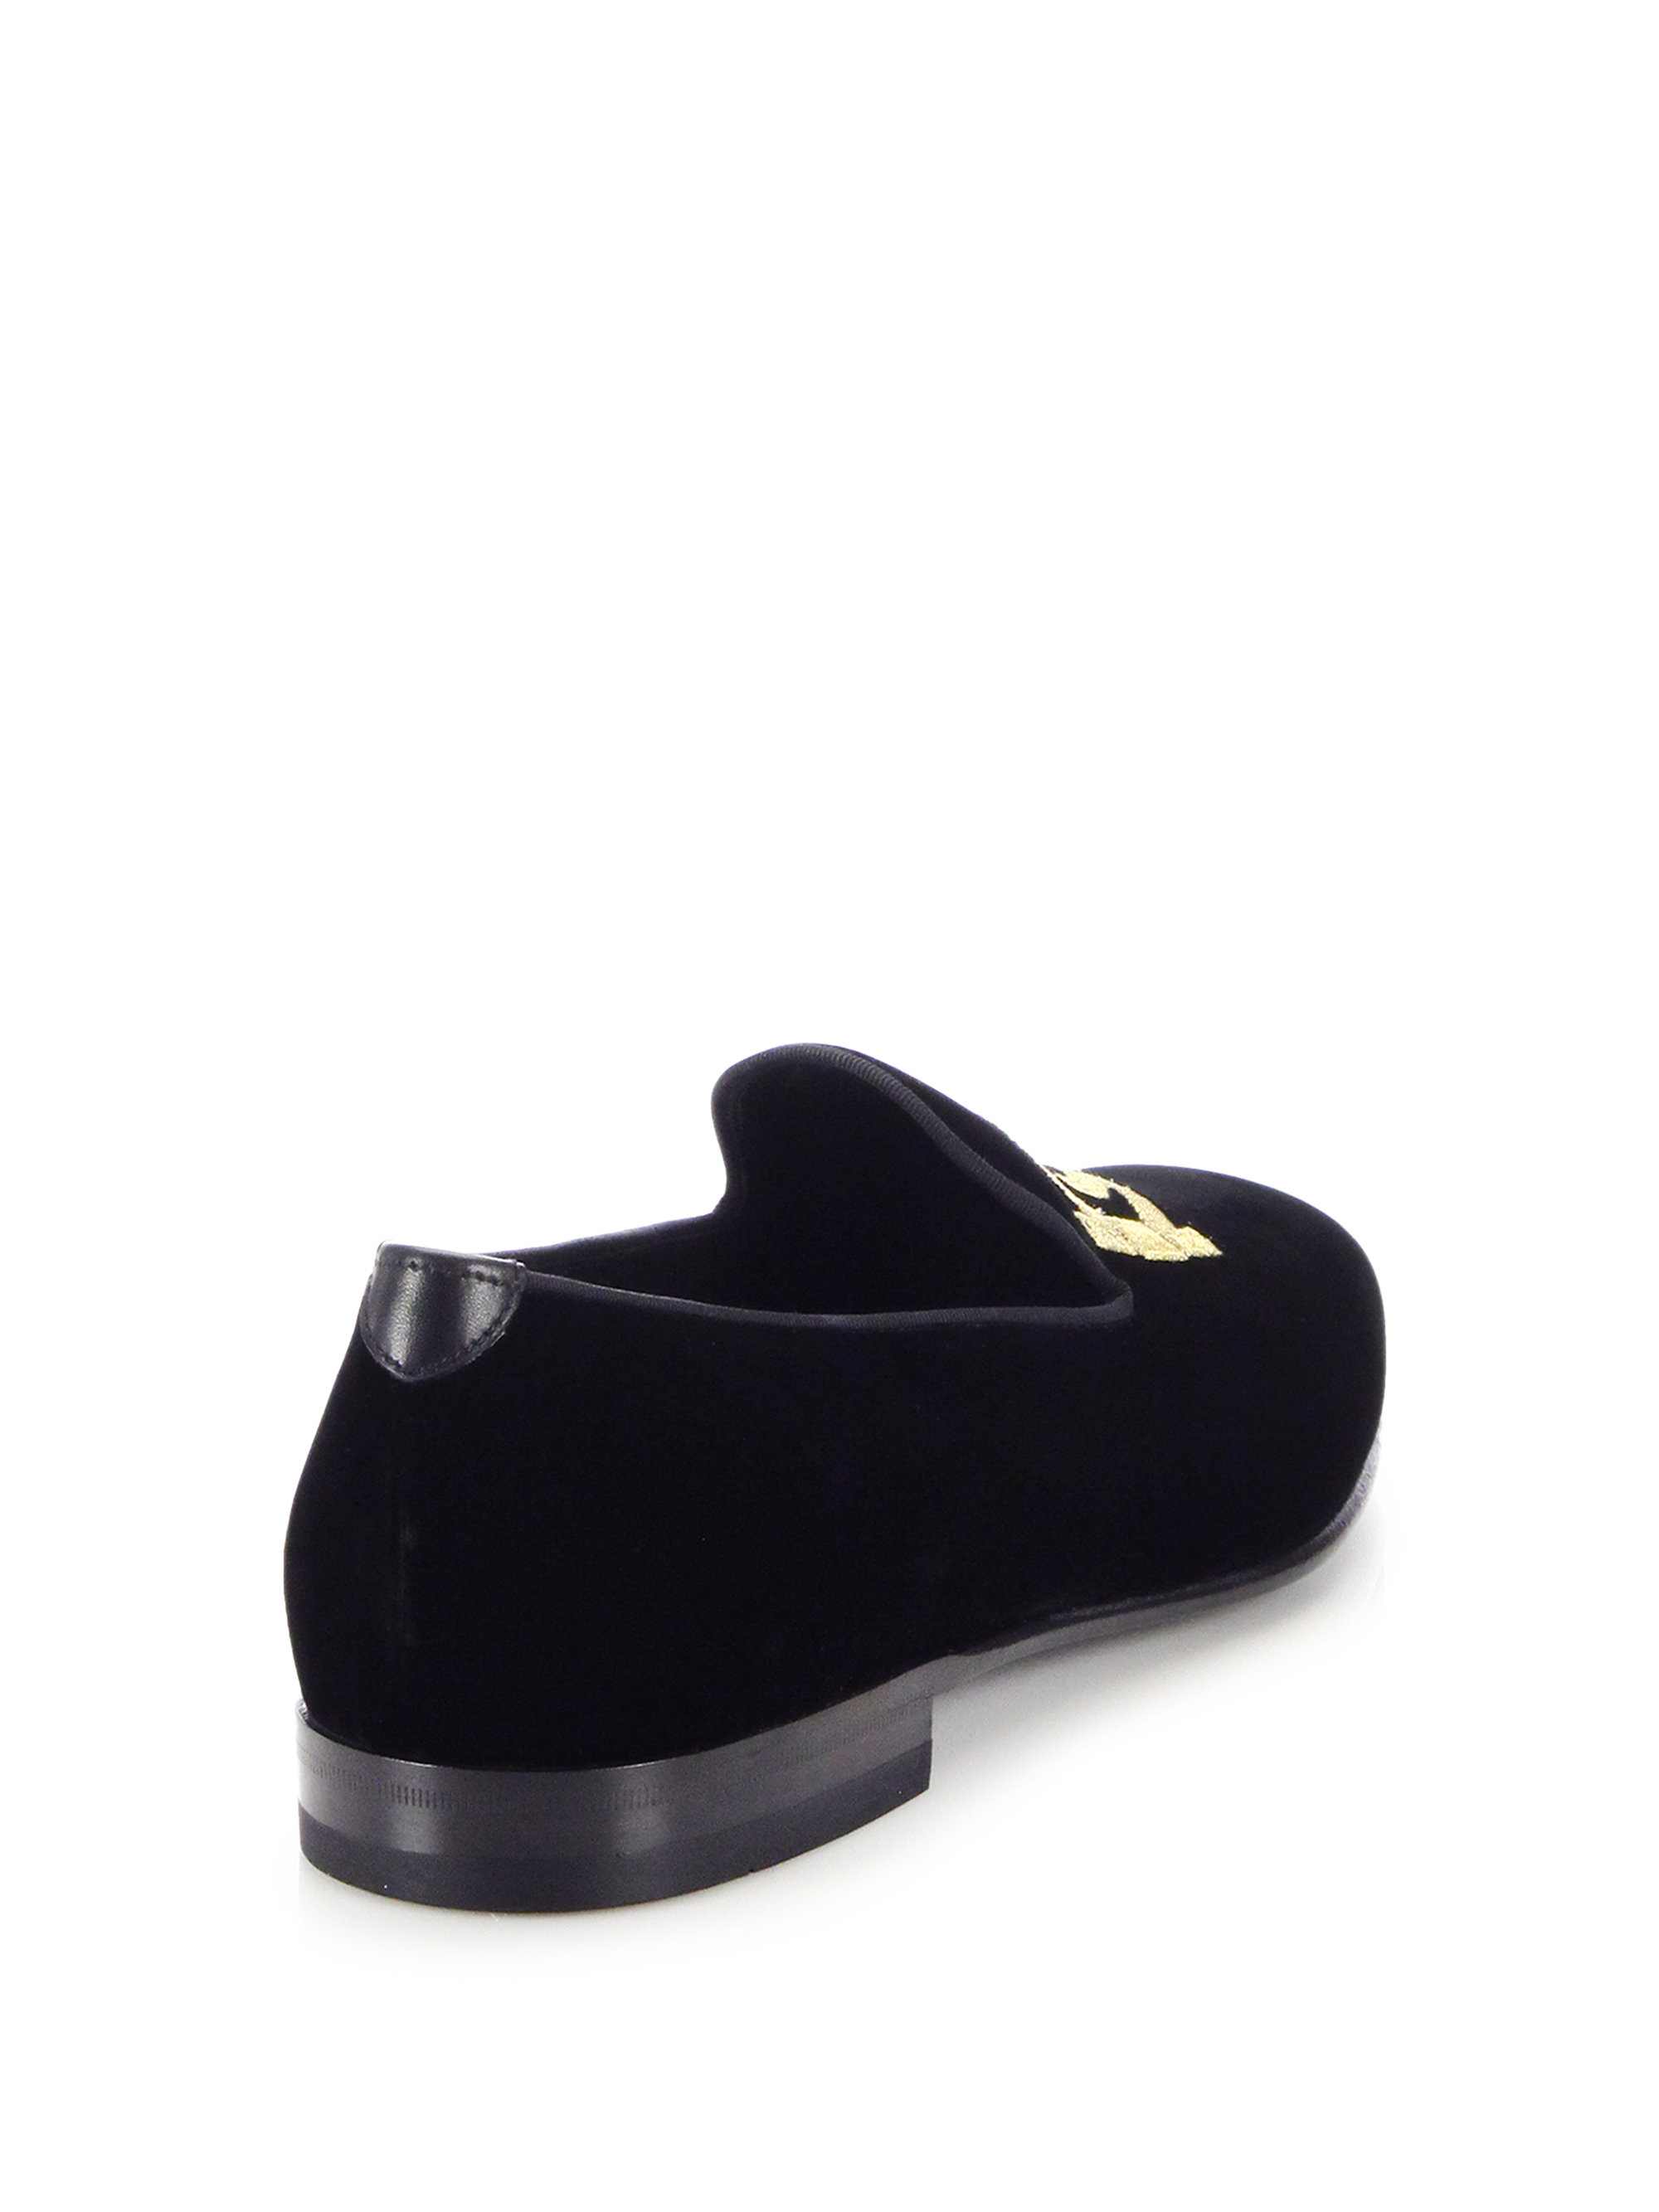 365995553d6 Lyst - Ferragamo Double Gancini Velvet Smoking Slippers in Black for Men